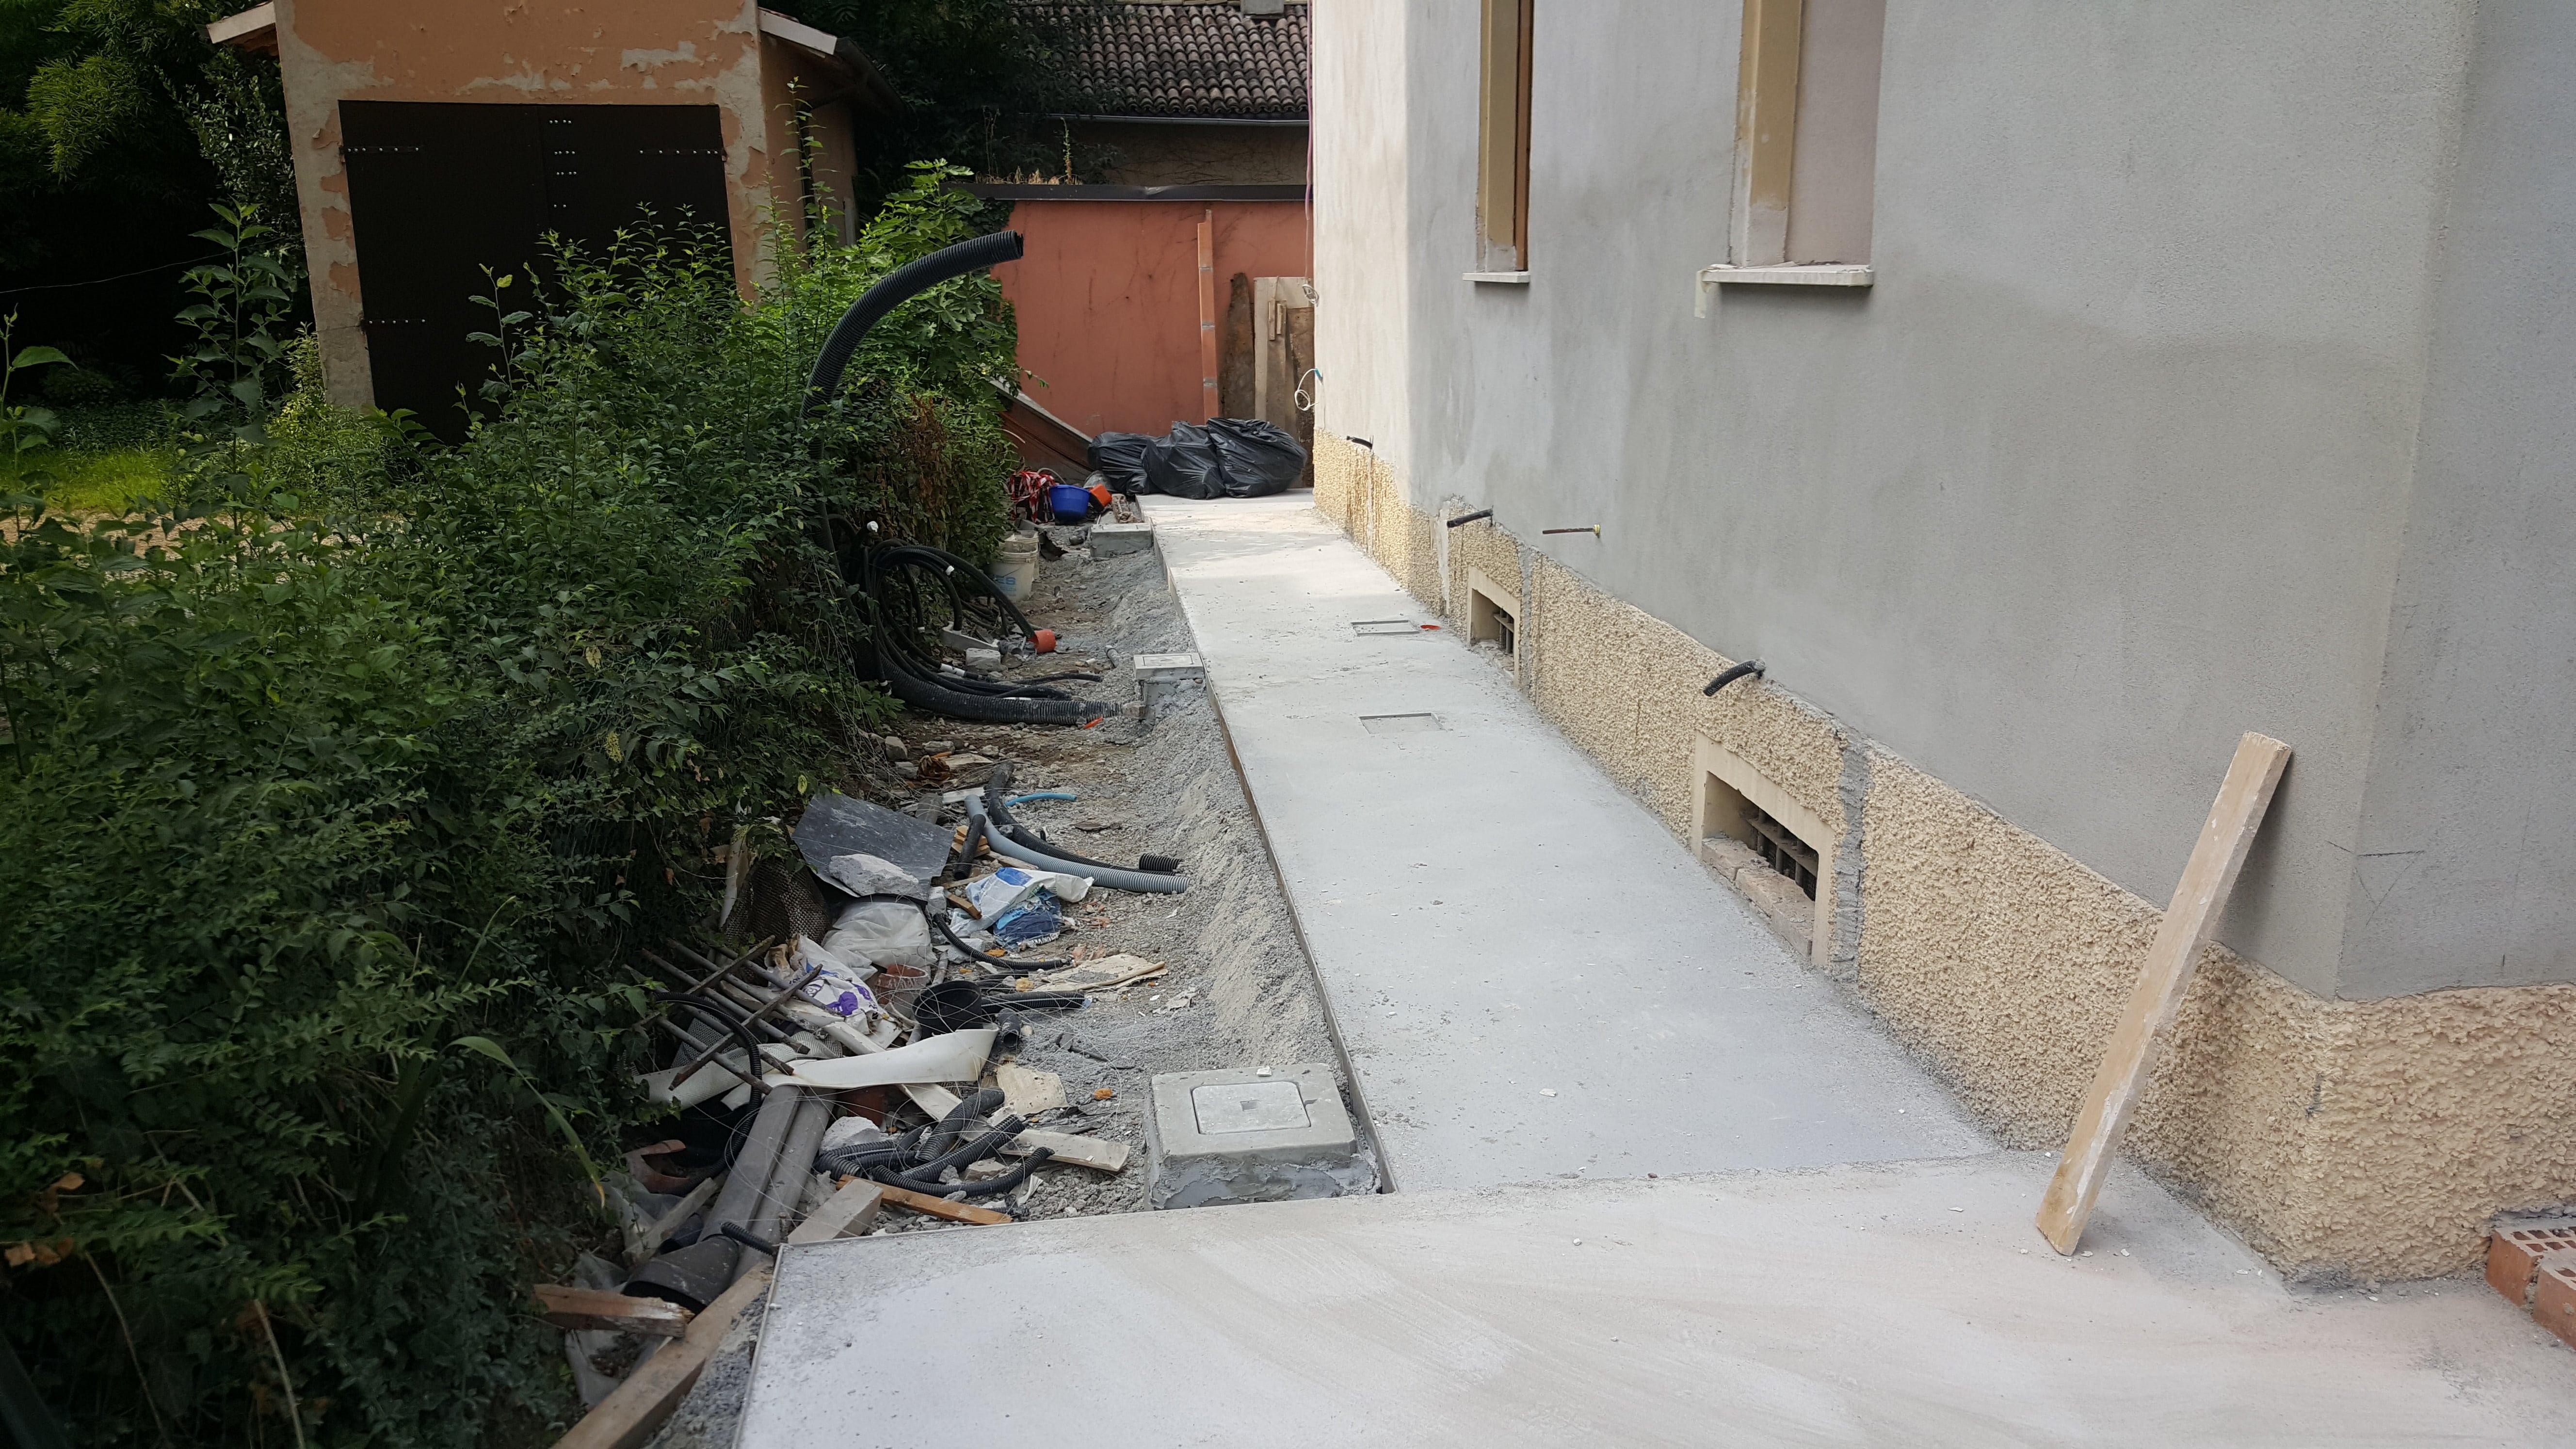 Ristrutturazione casa reggio emilia, marciapiede